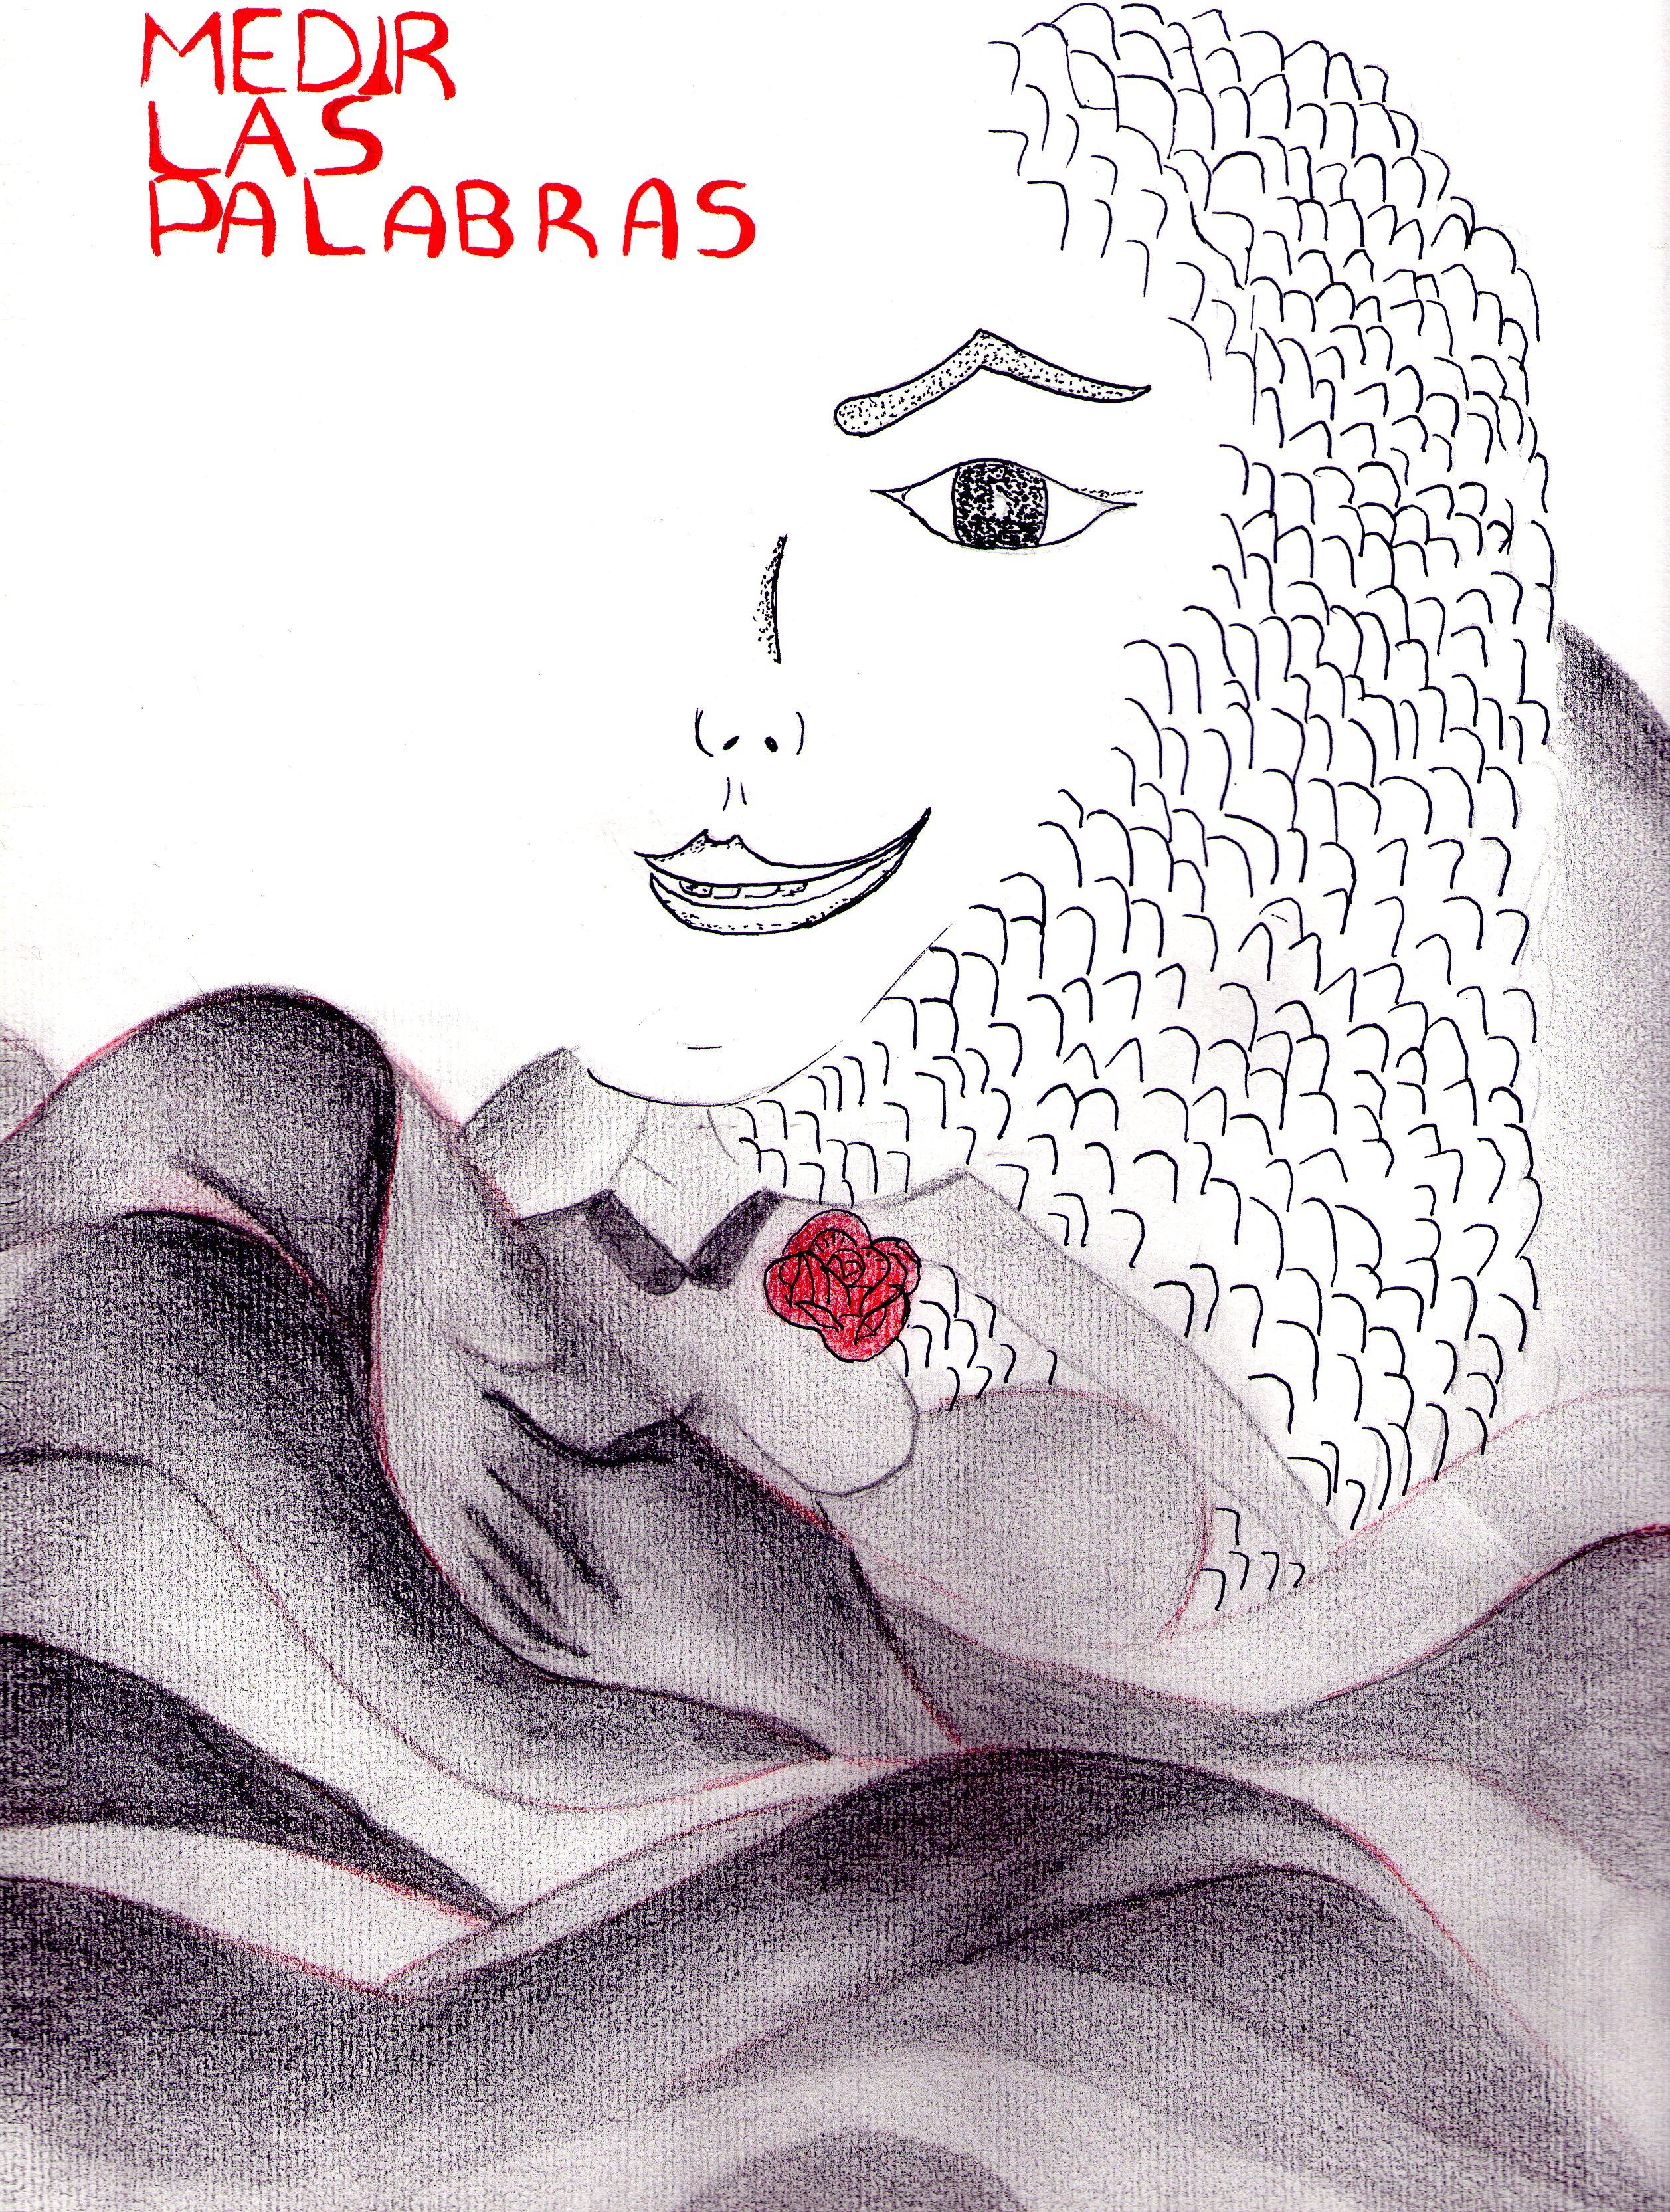 Medir Las Palabras por Silvia Sichel